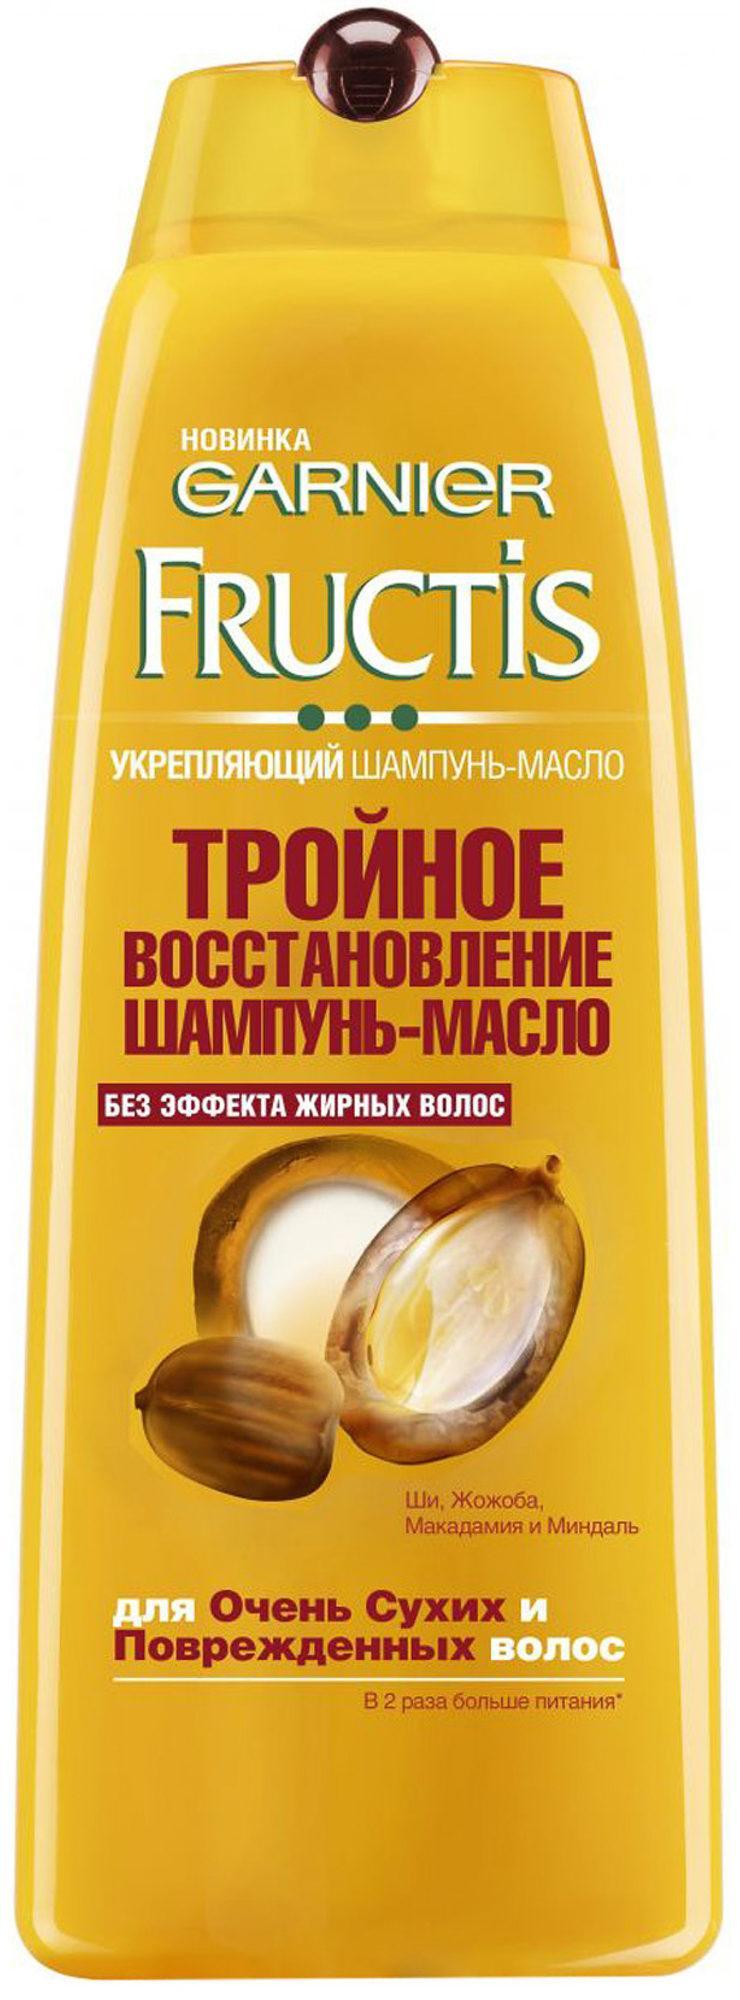 «GARNIER» Fructis Тройное восстановление